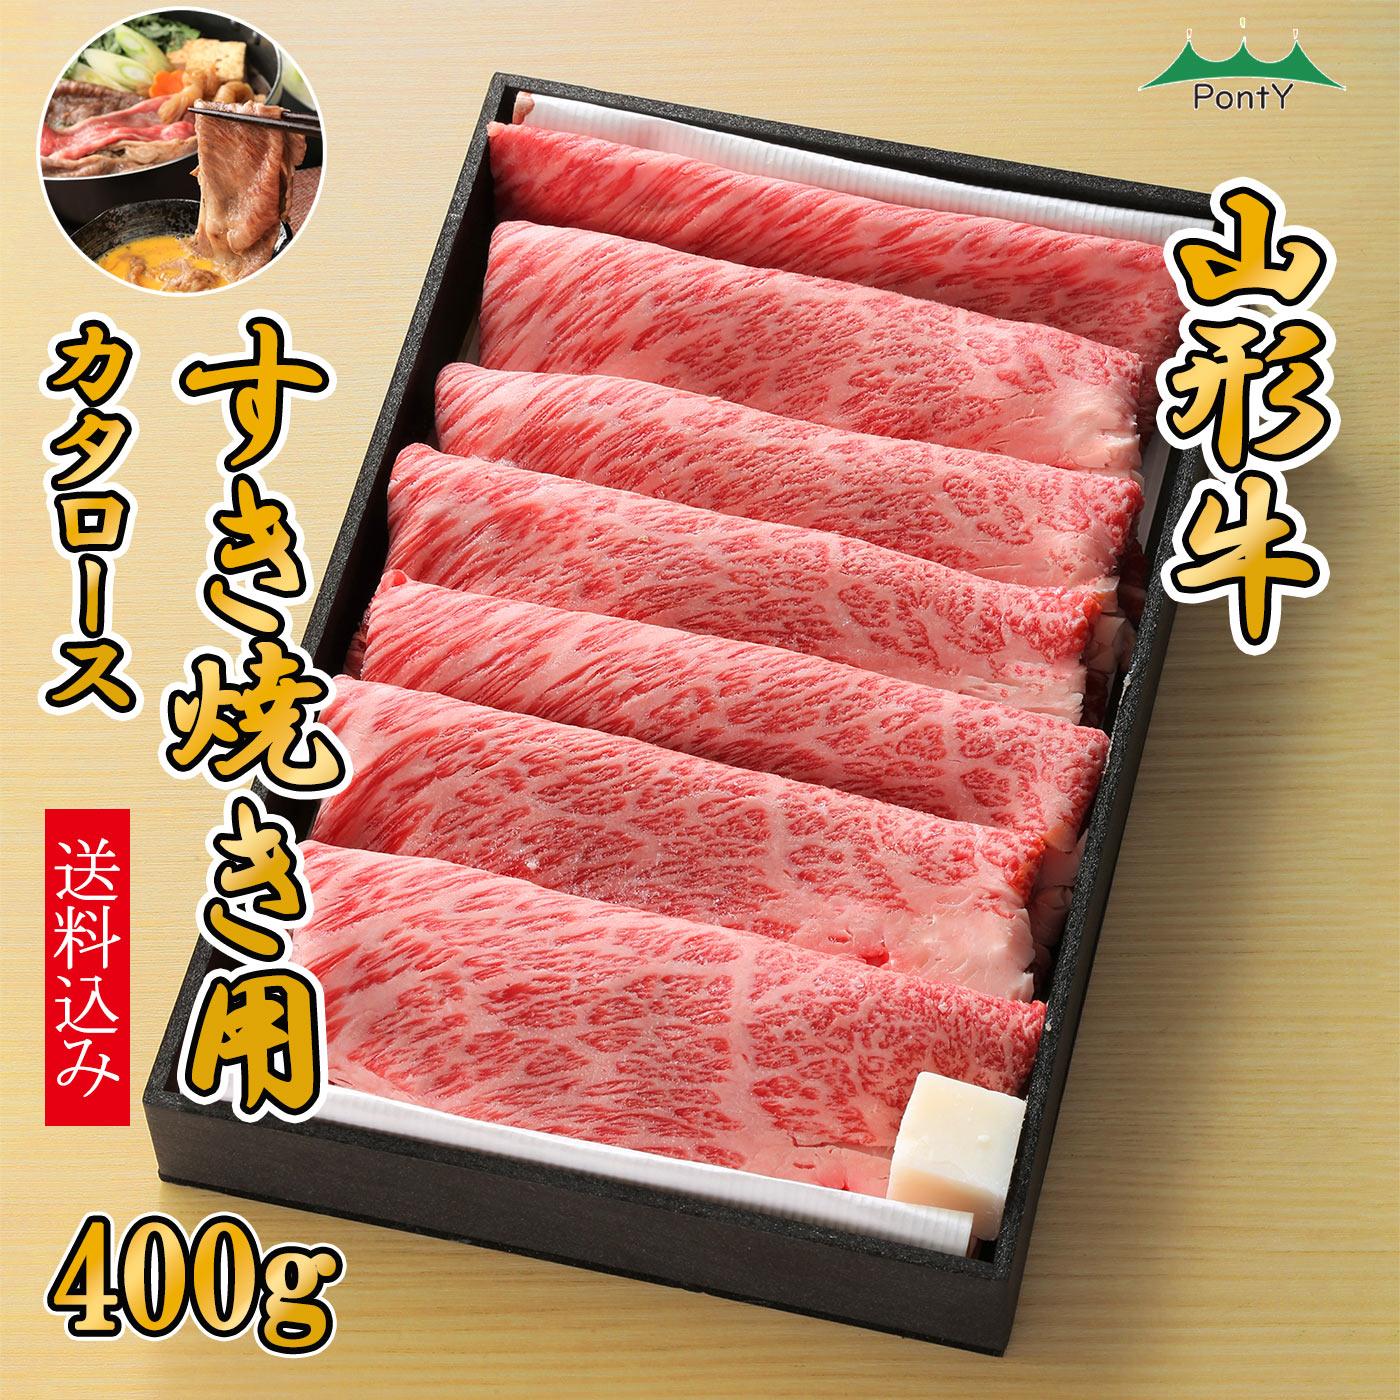 山形牛 カタロース すき焼き用 【冷凍】400g